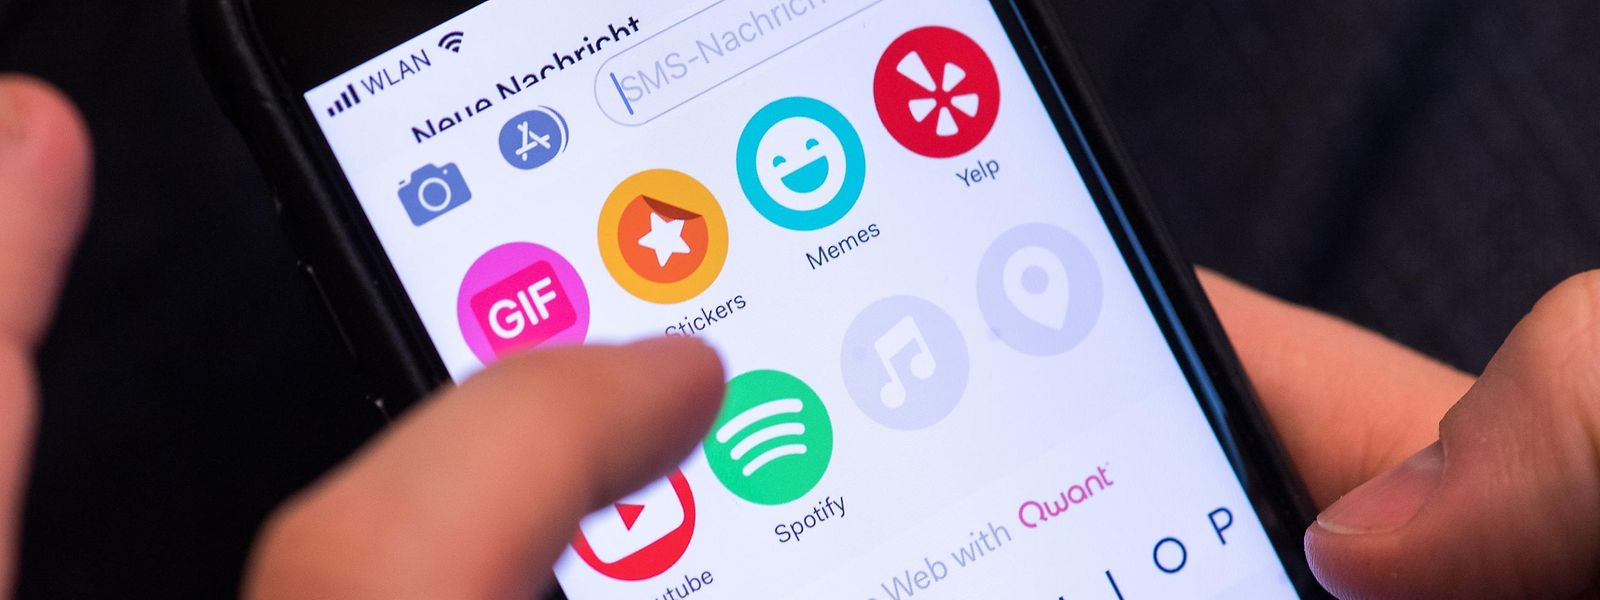 Die Tastatur-App Fleksy kann mehr als nur Wörter eintippen. Sie erlaubt direkt im Messenger auch Onlinesuchen oder das Einbinden von Songs und Videos über Dritt-Apps.